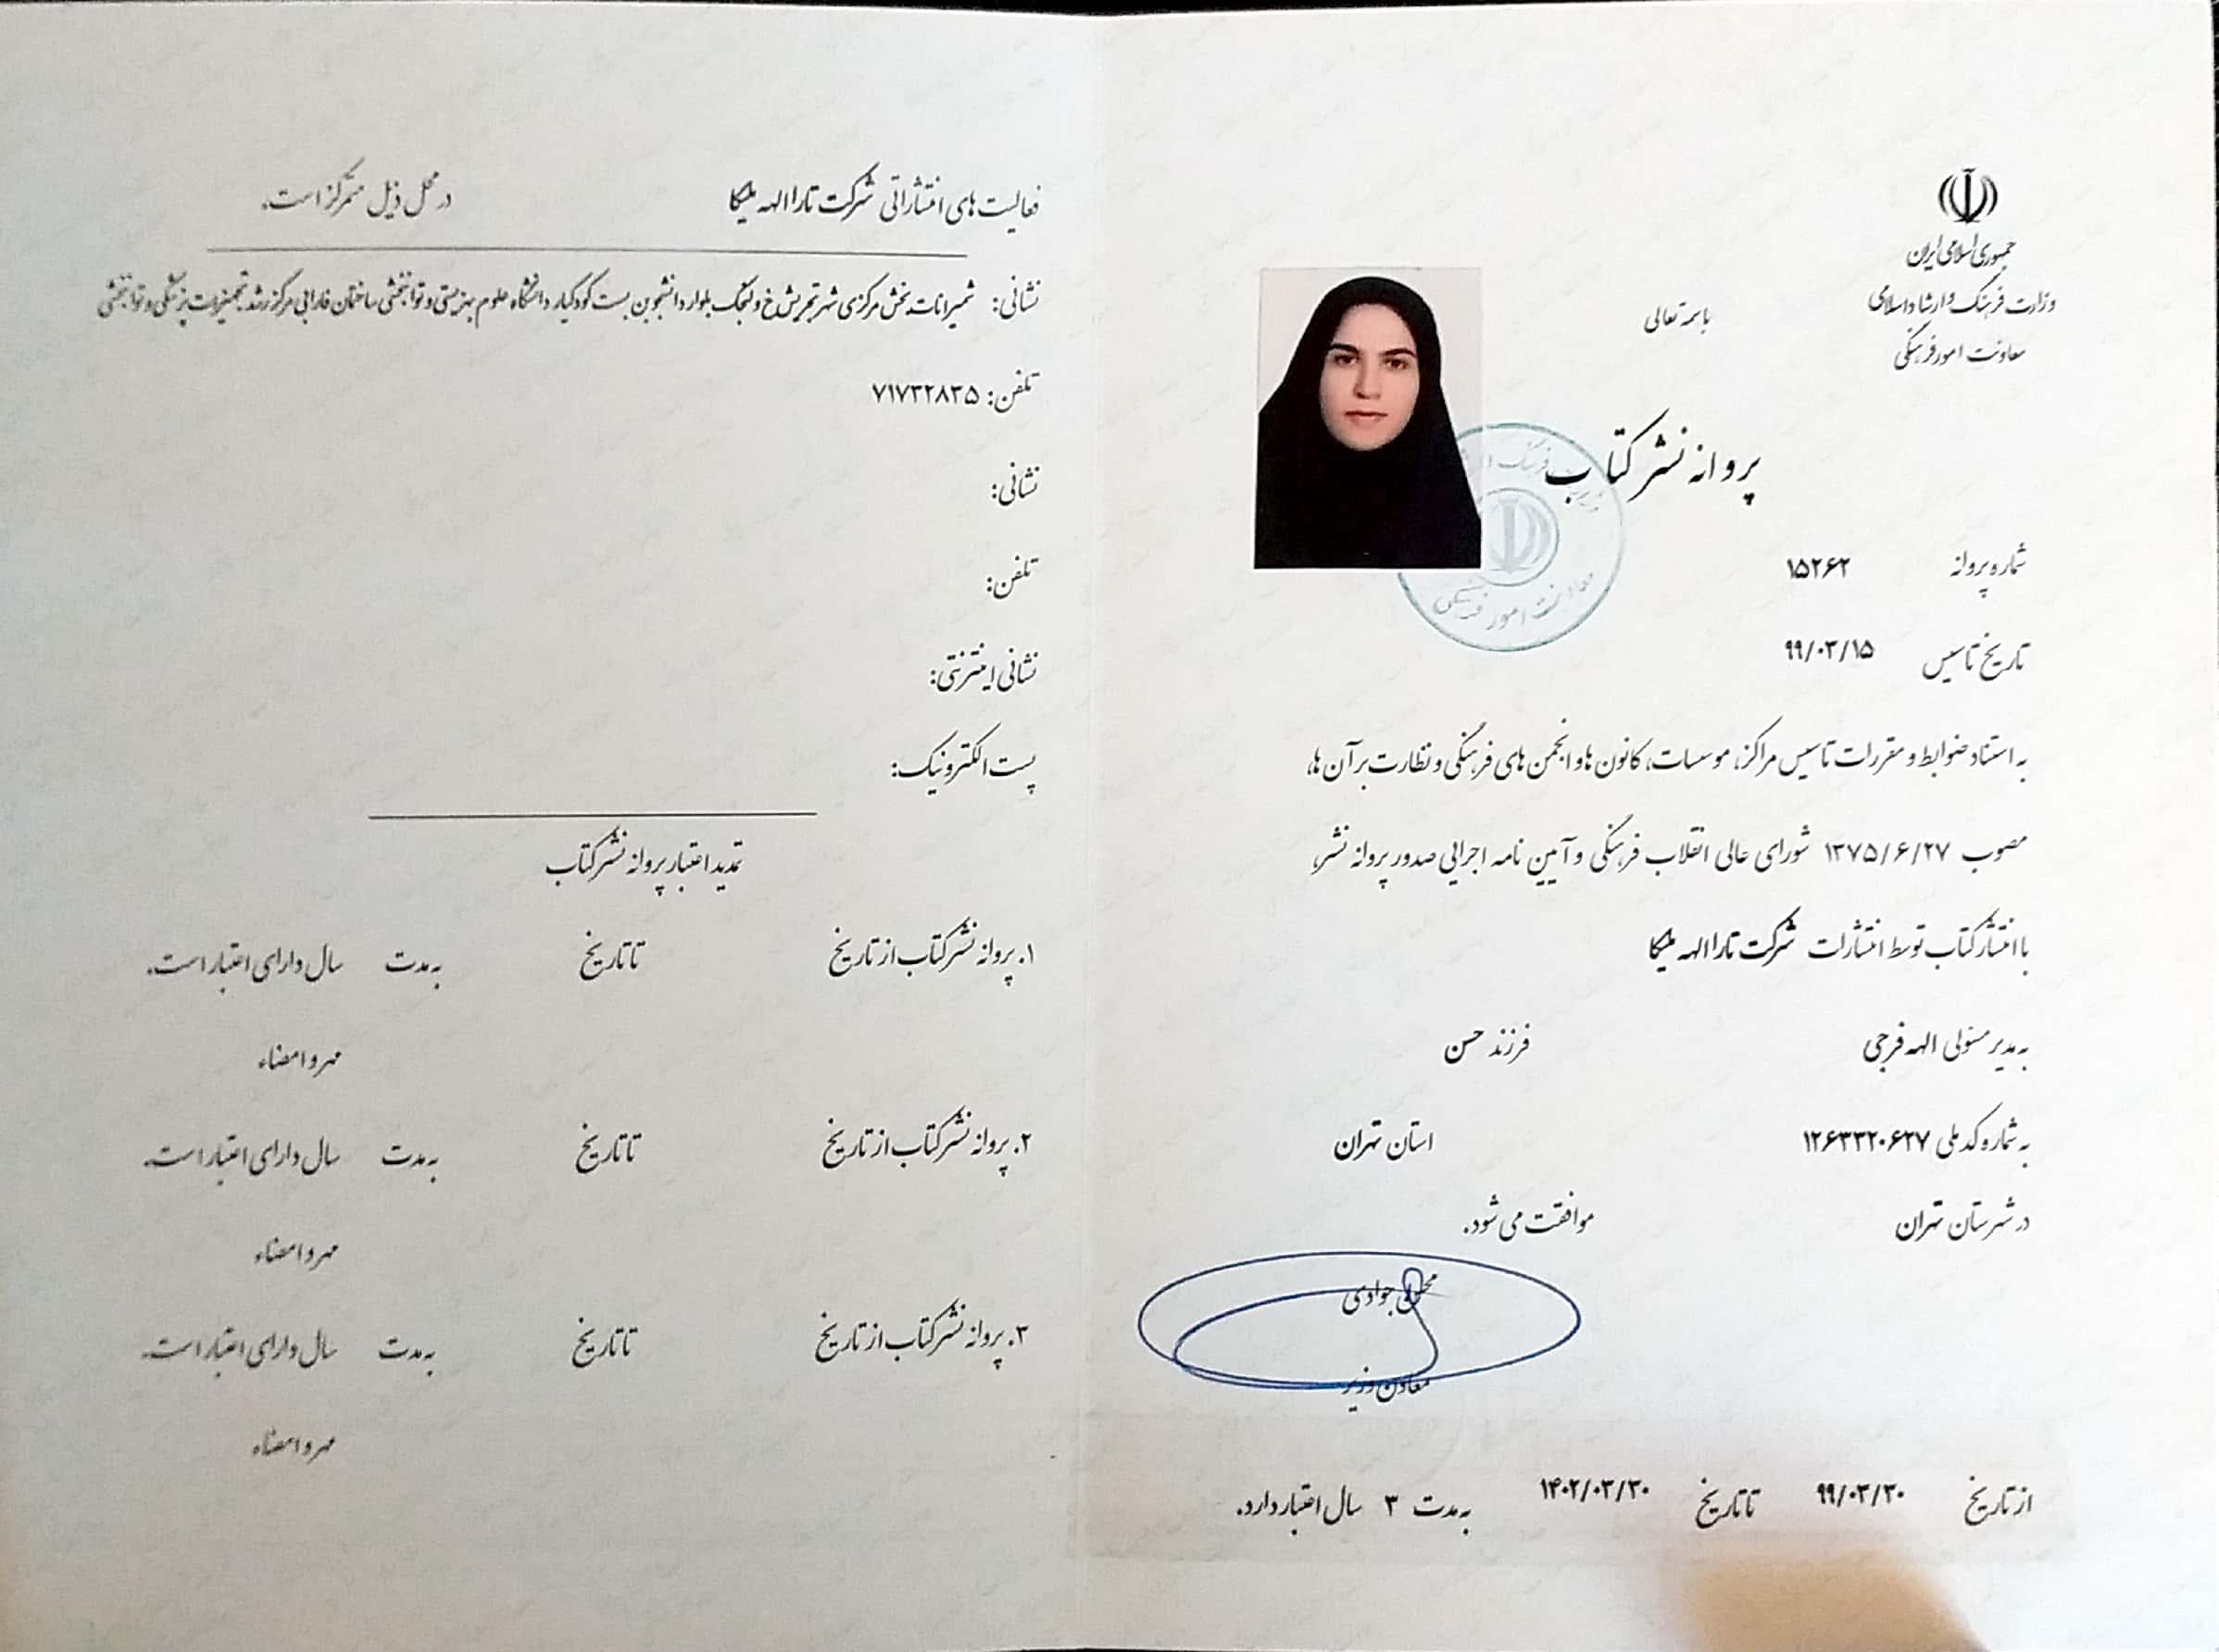 دریافت پروانه نشر کتاب  از وزارت فرهنگ و ارشاد اسلامی